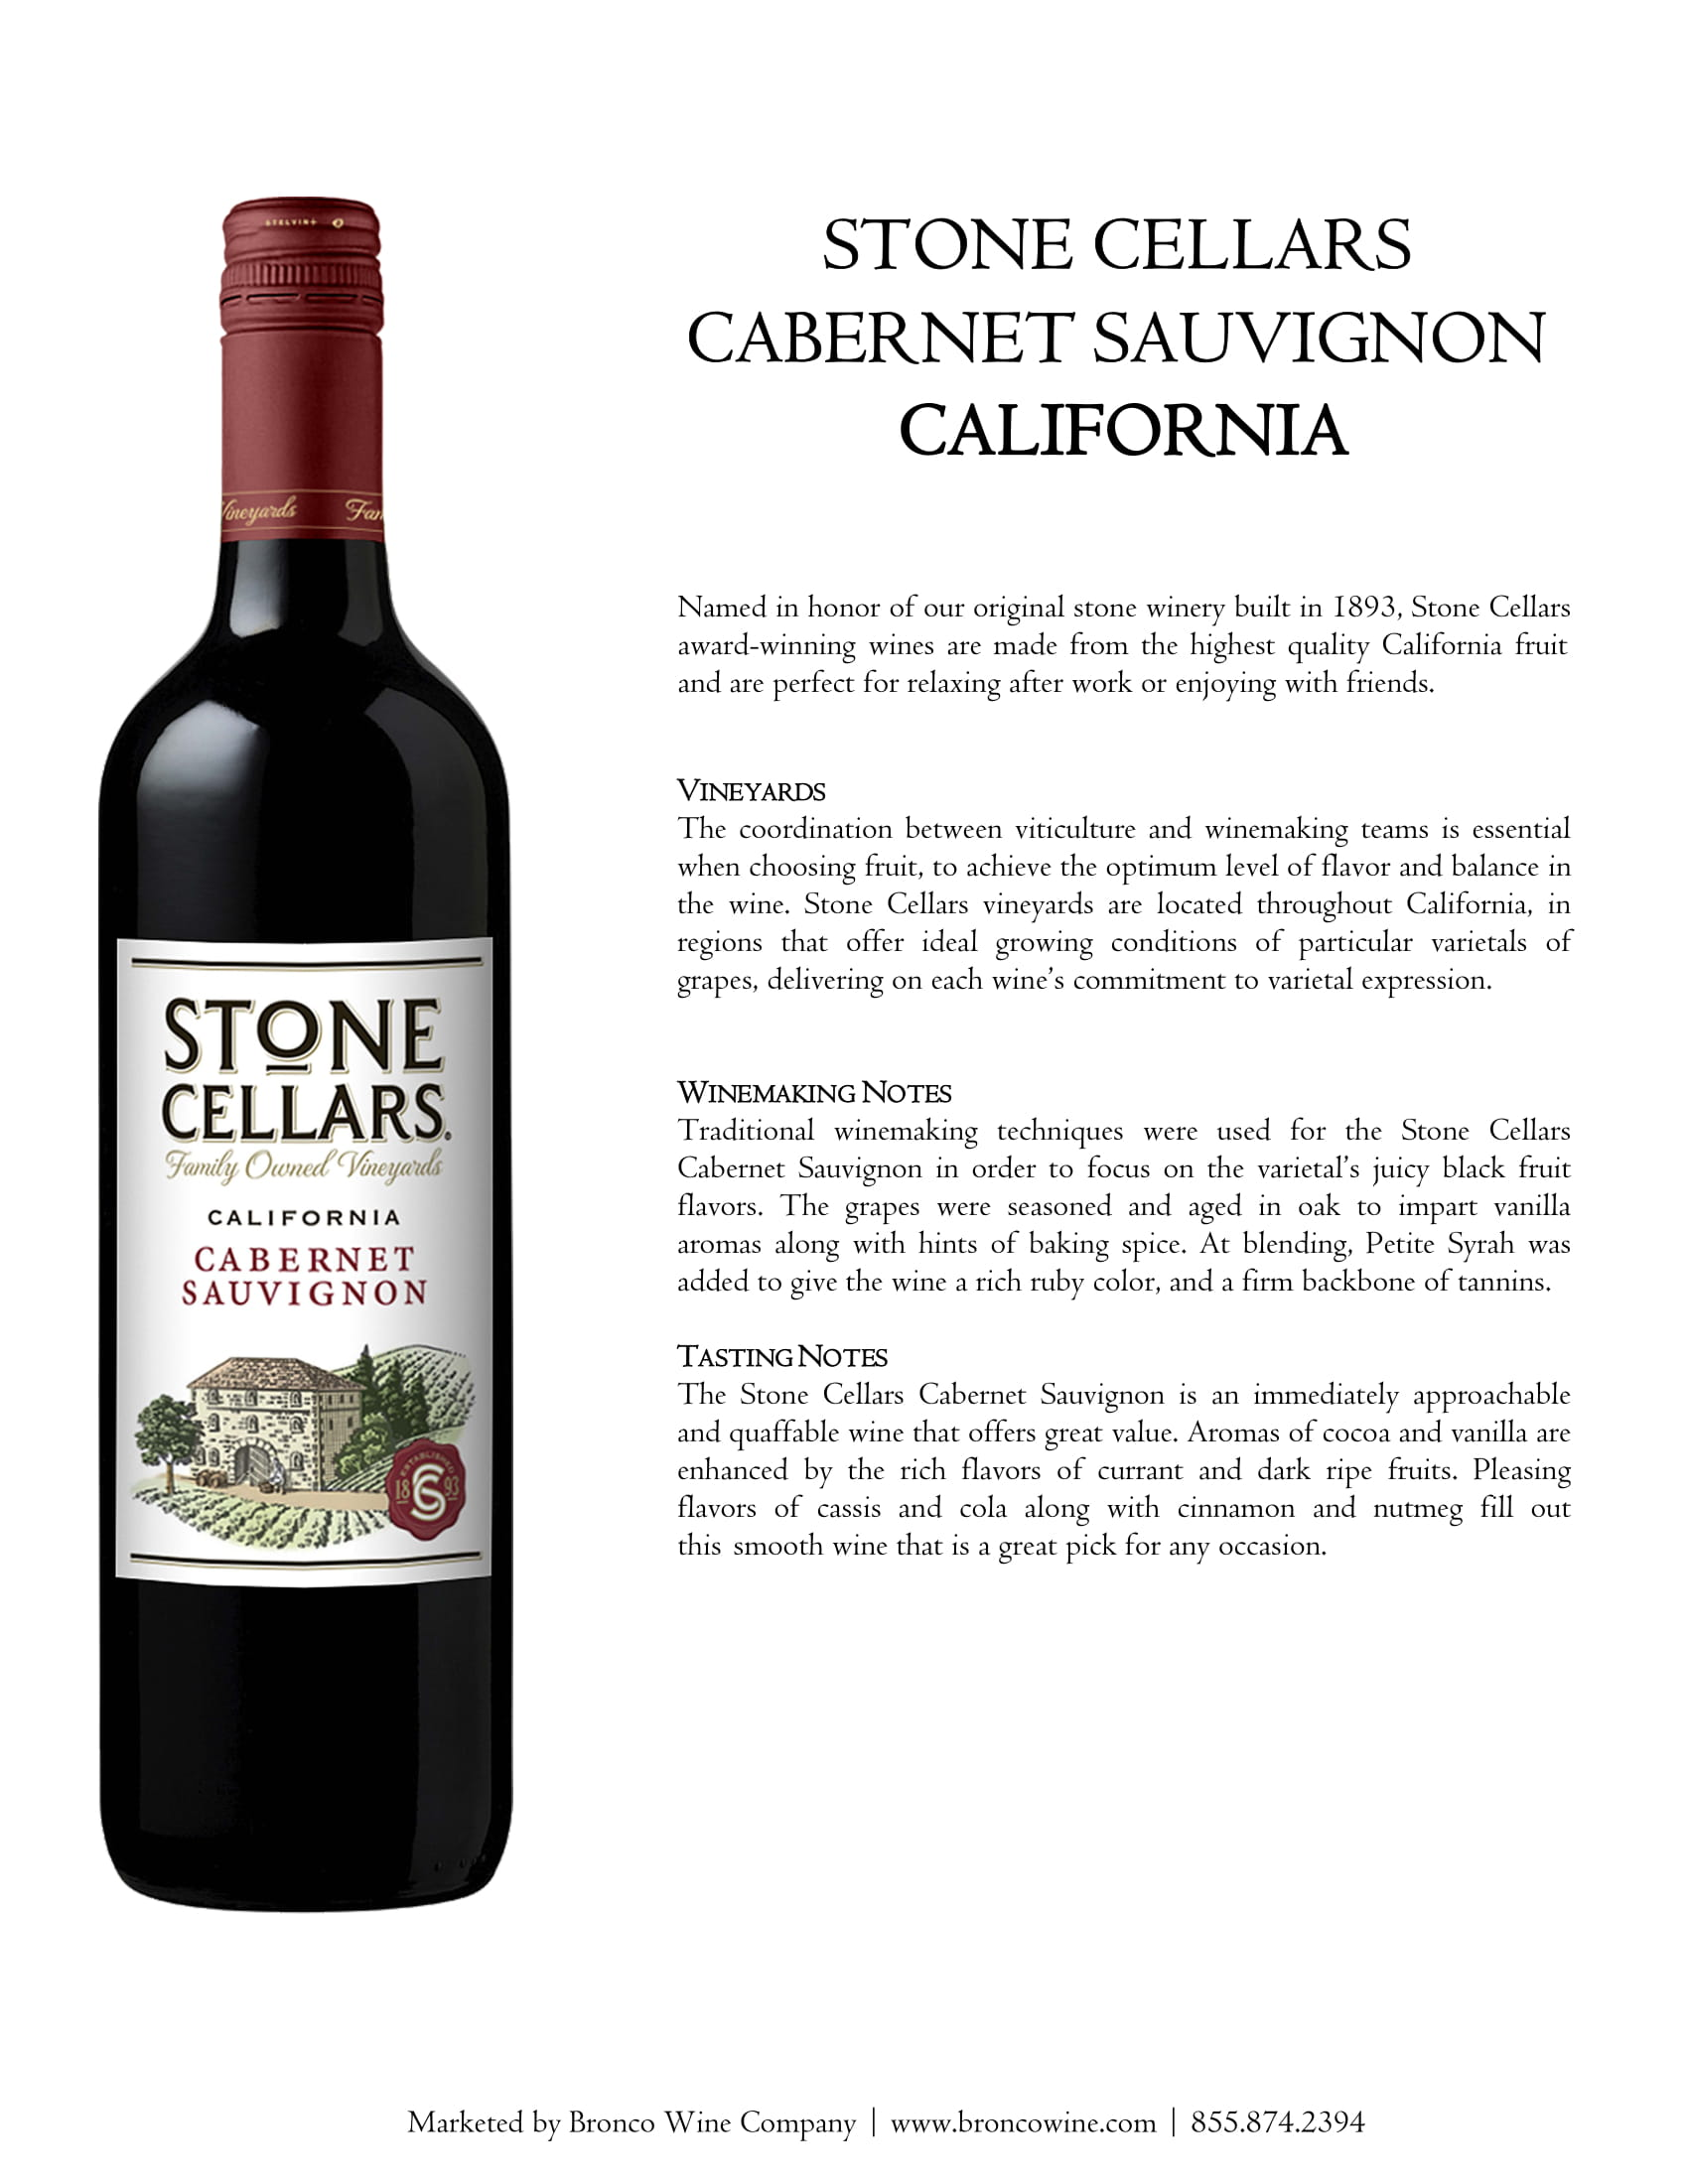 Stone Cellars Cabernet Sauvignon Tech Sheet